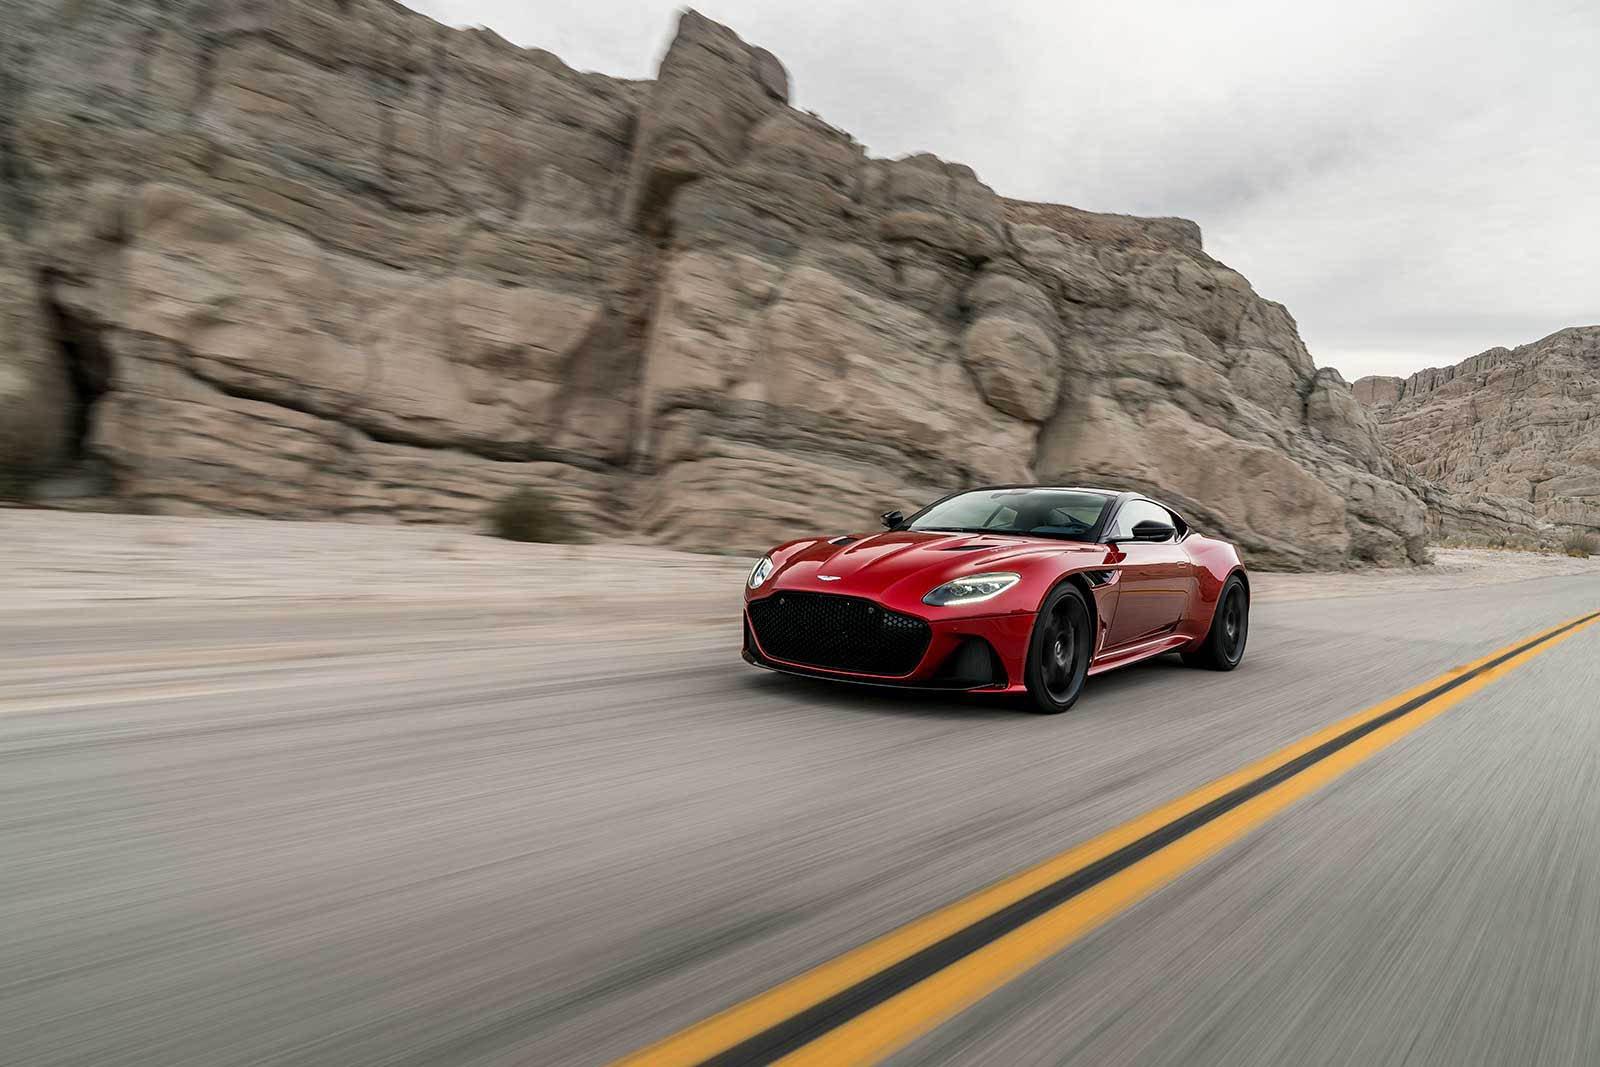 Aston Martin DBS Superleggera 2019 (2)